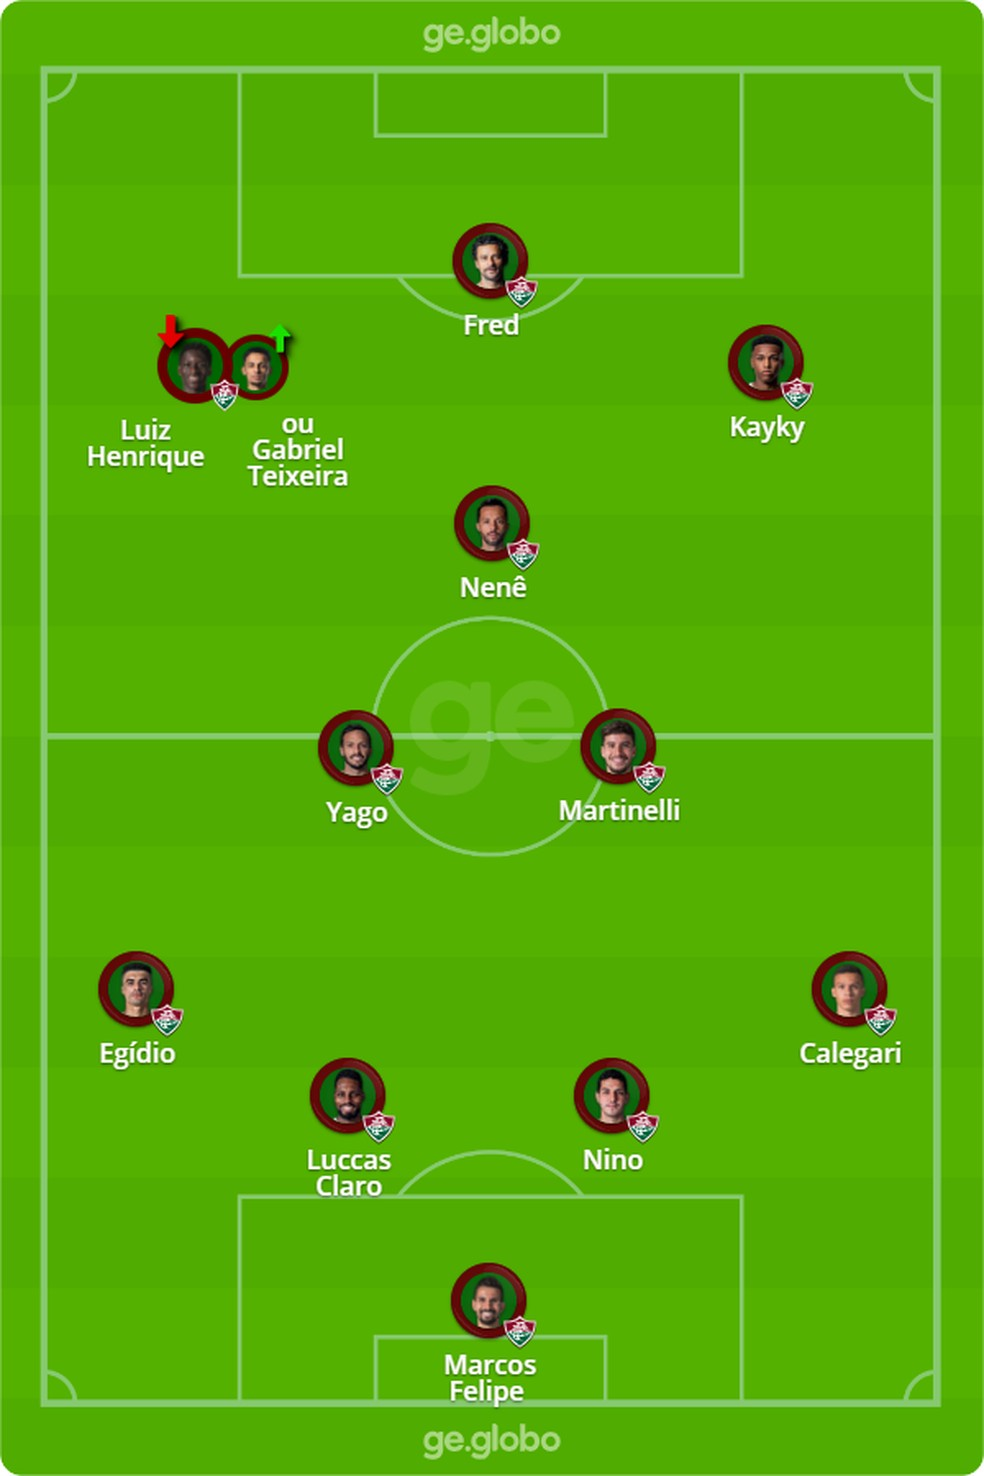 Provável escalação do Fluminense contra o Flamengo — Foto: ge